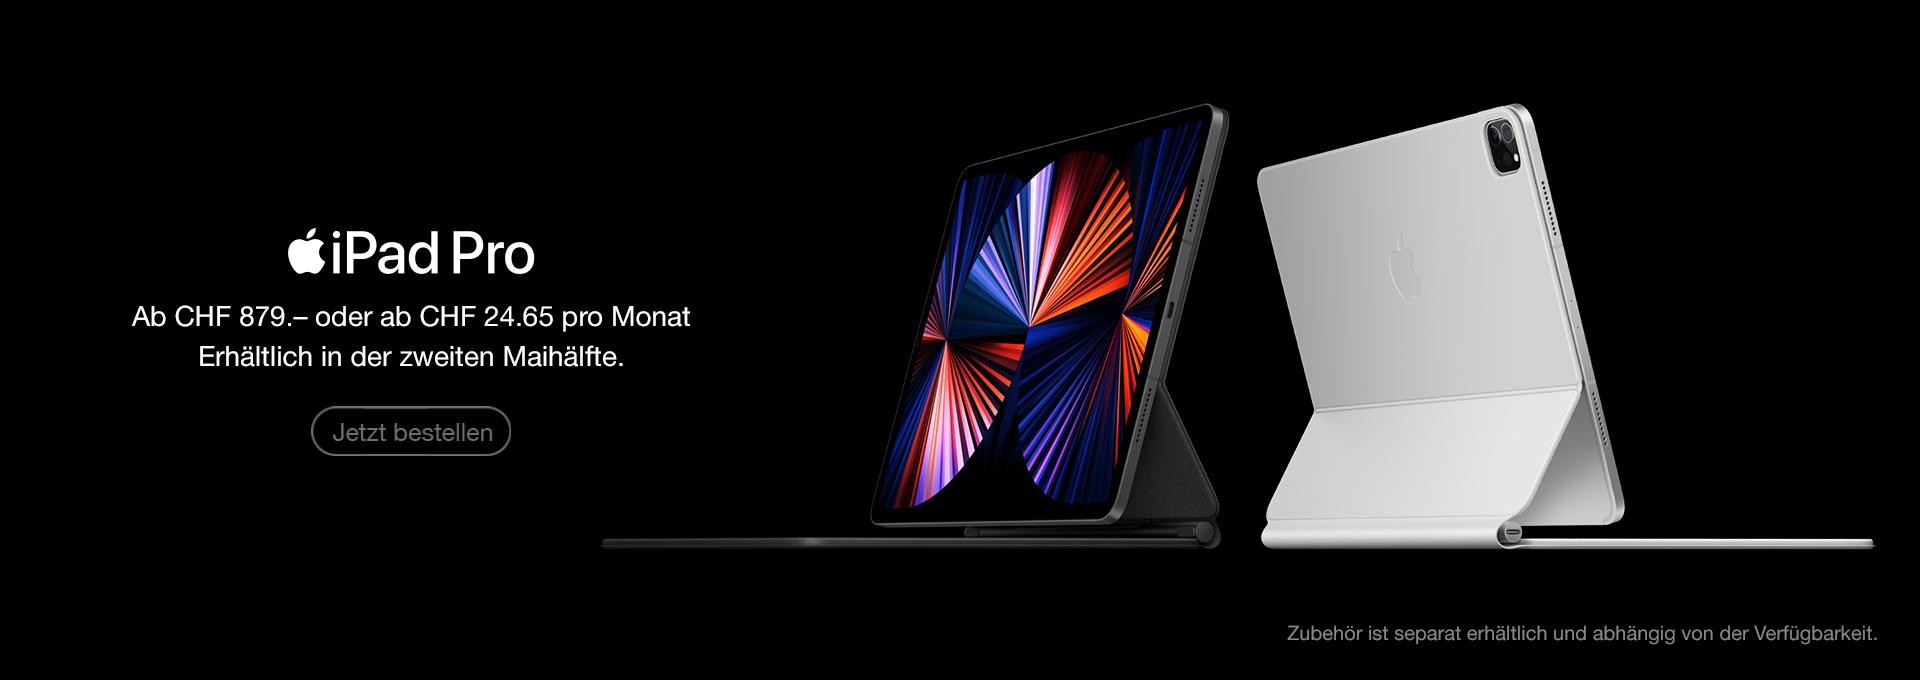 Jetzt Apple iPad Pro bestellen